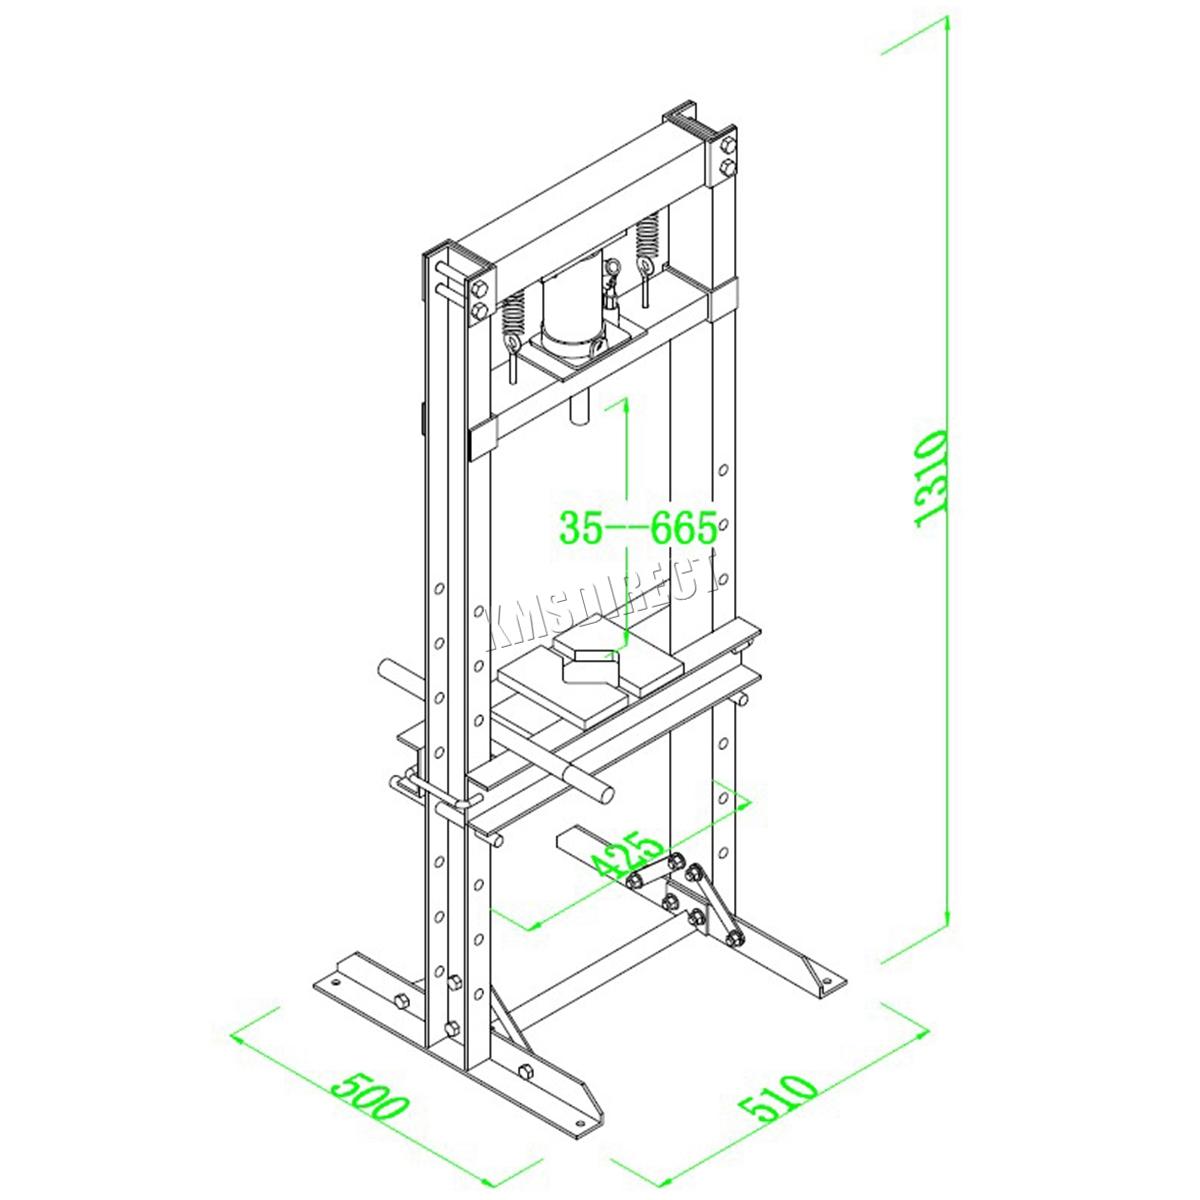 Foxhunter 12 Ton Hydraulic Garage Workshop Shop Press